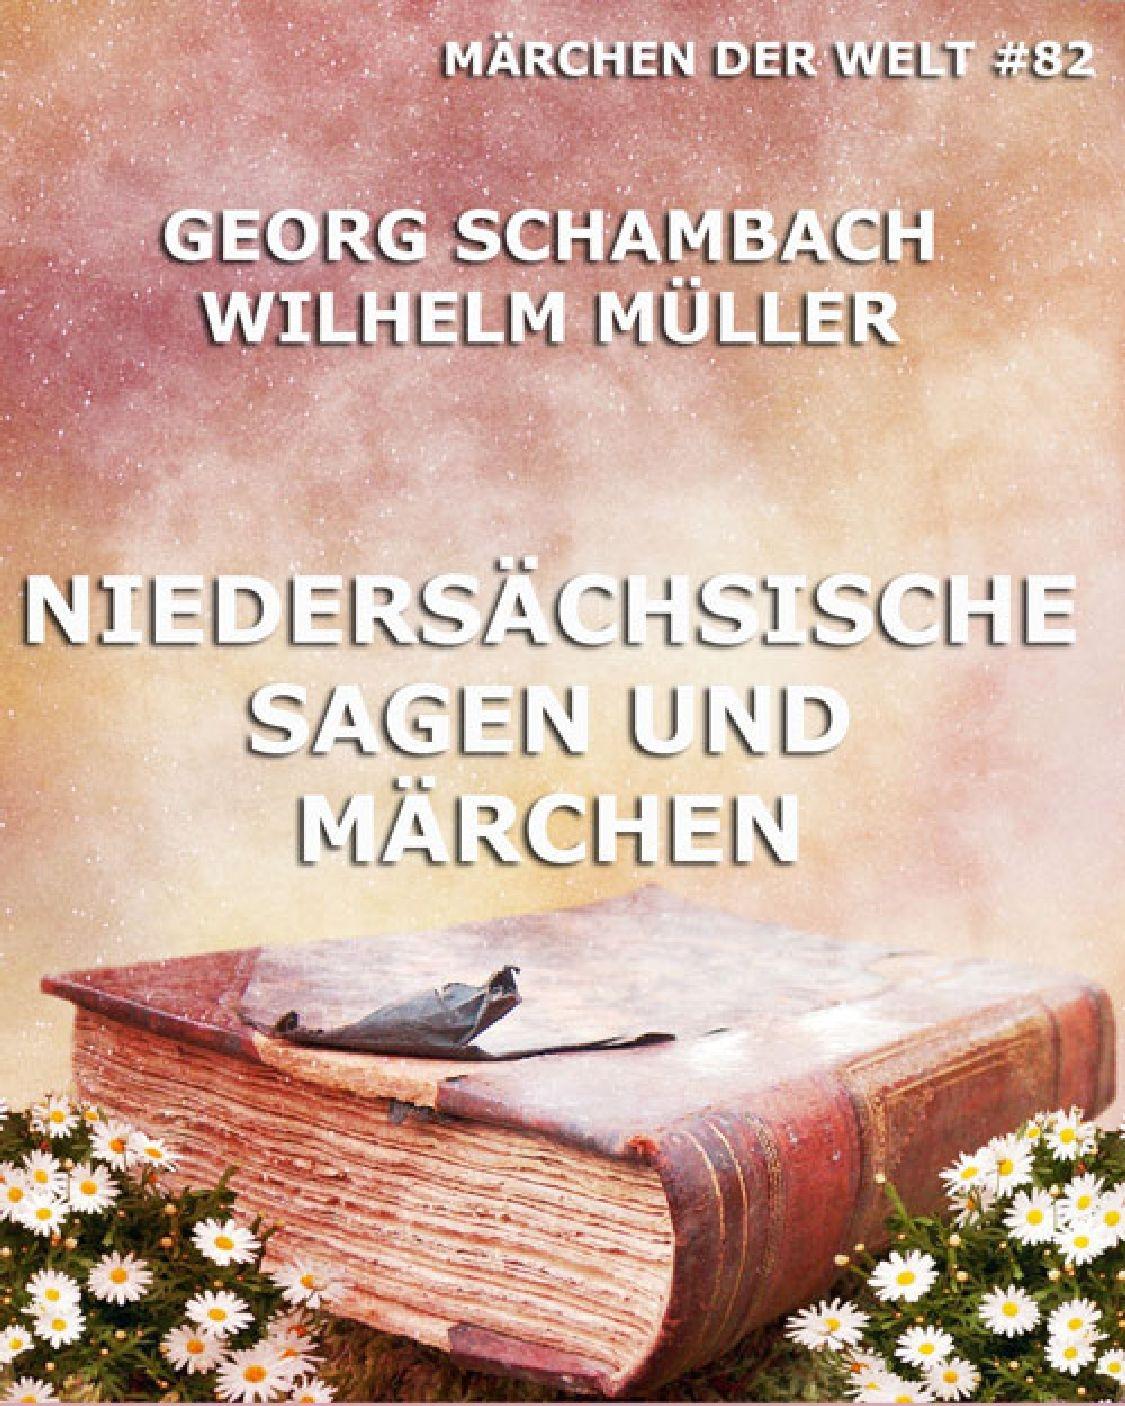 цена Georg Schambach Niedersächsische Sagen und Märchen